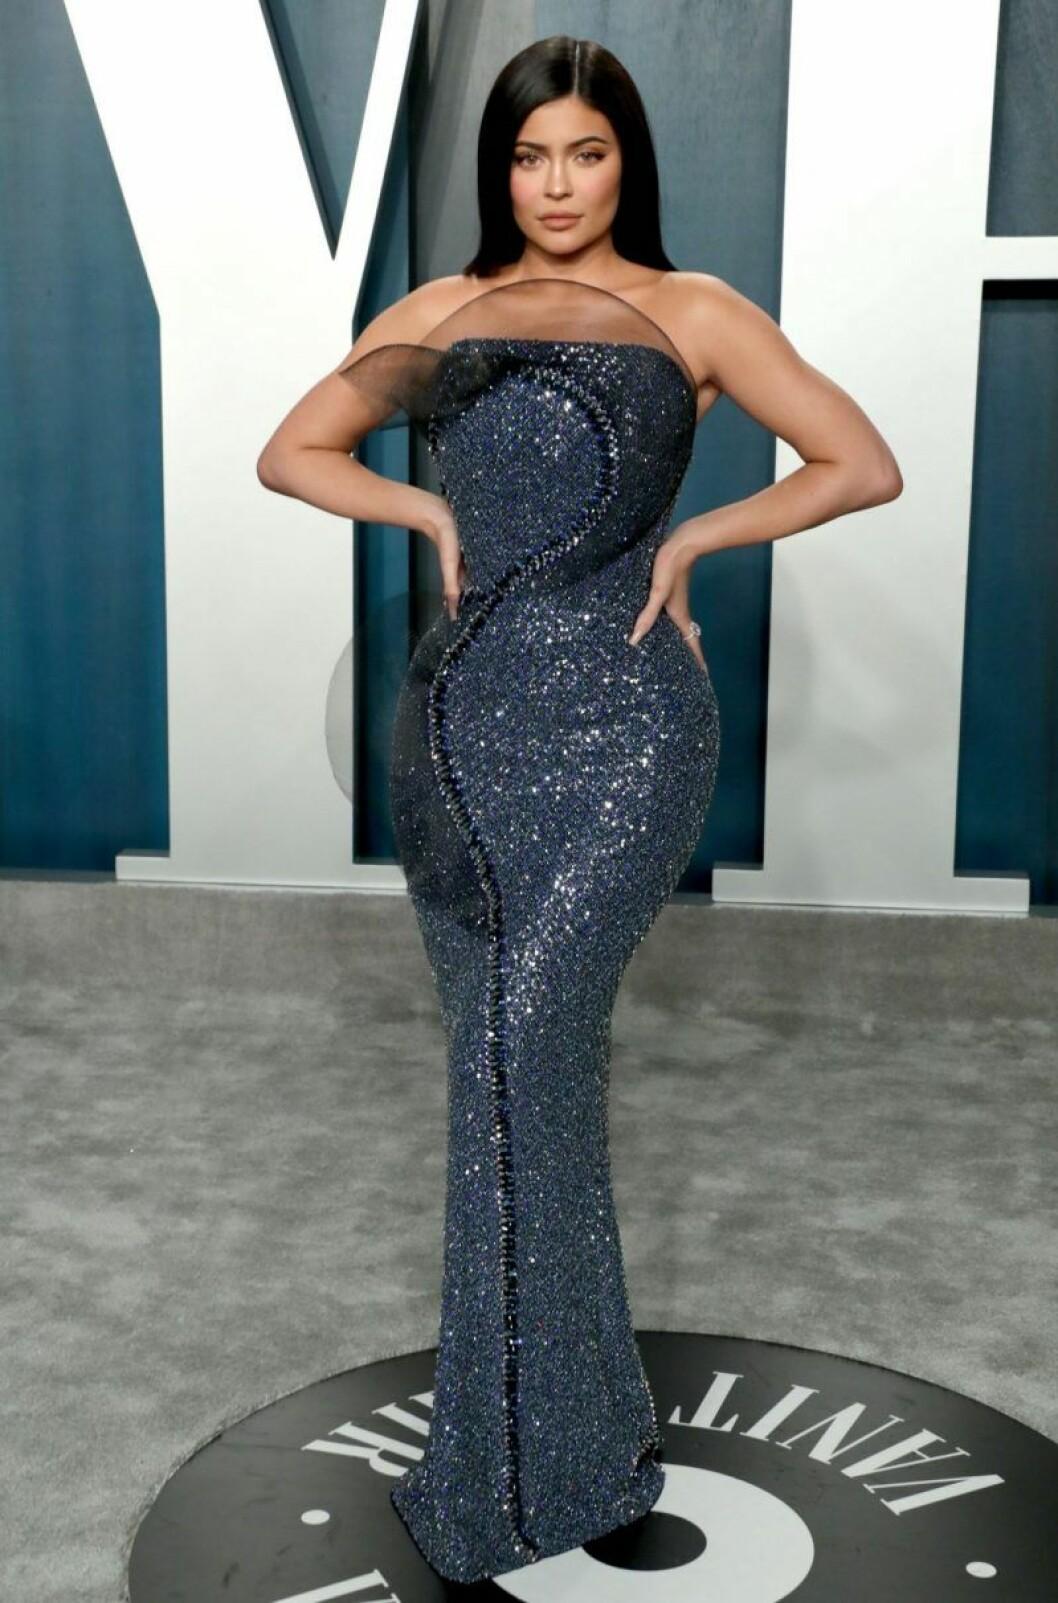 Kylie Jenner i mörkblå, glittrig klänning